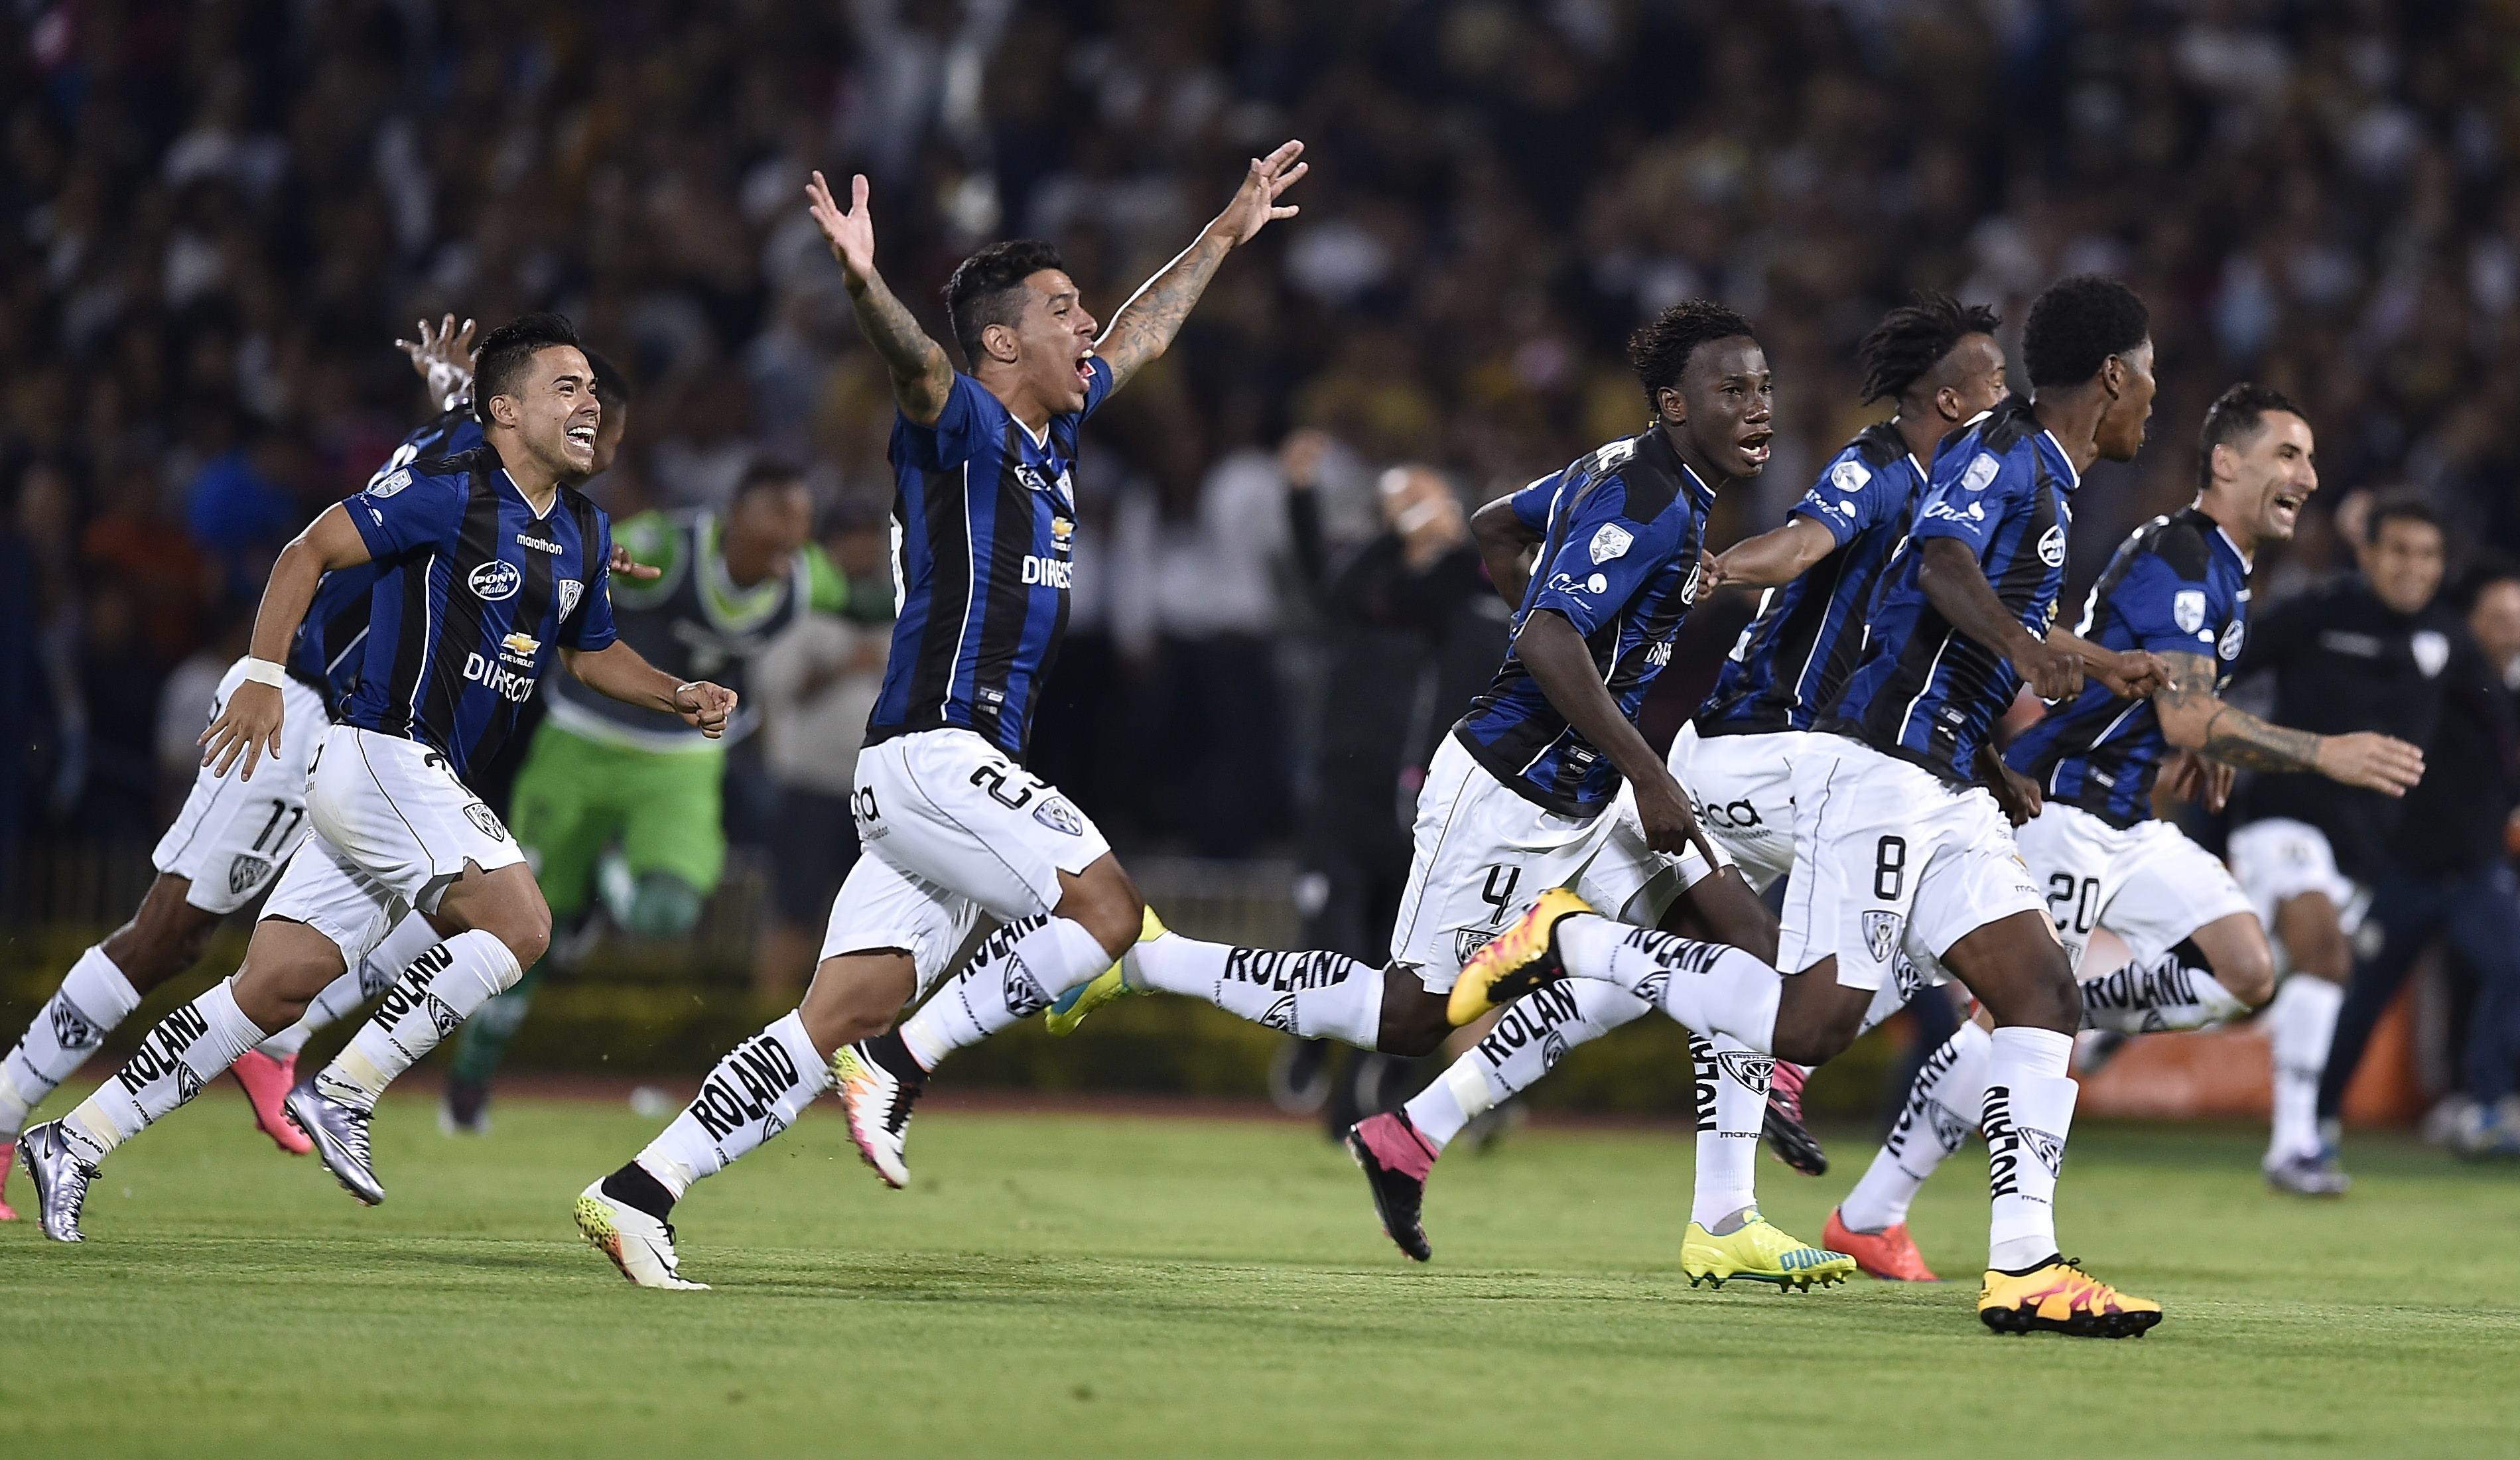 Independiente-Del-Valle-Fuerza-Amarilla-pronostico-26-agosto-2019-analisi-e-pronostico